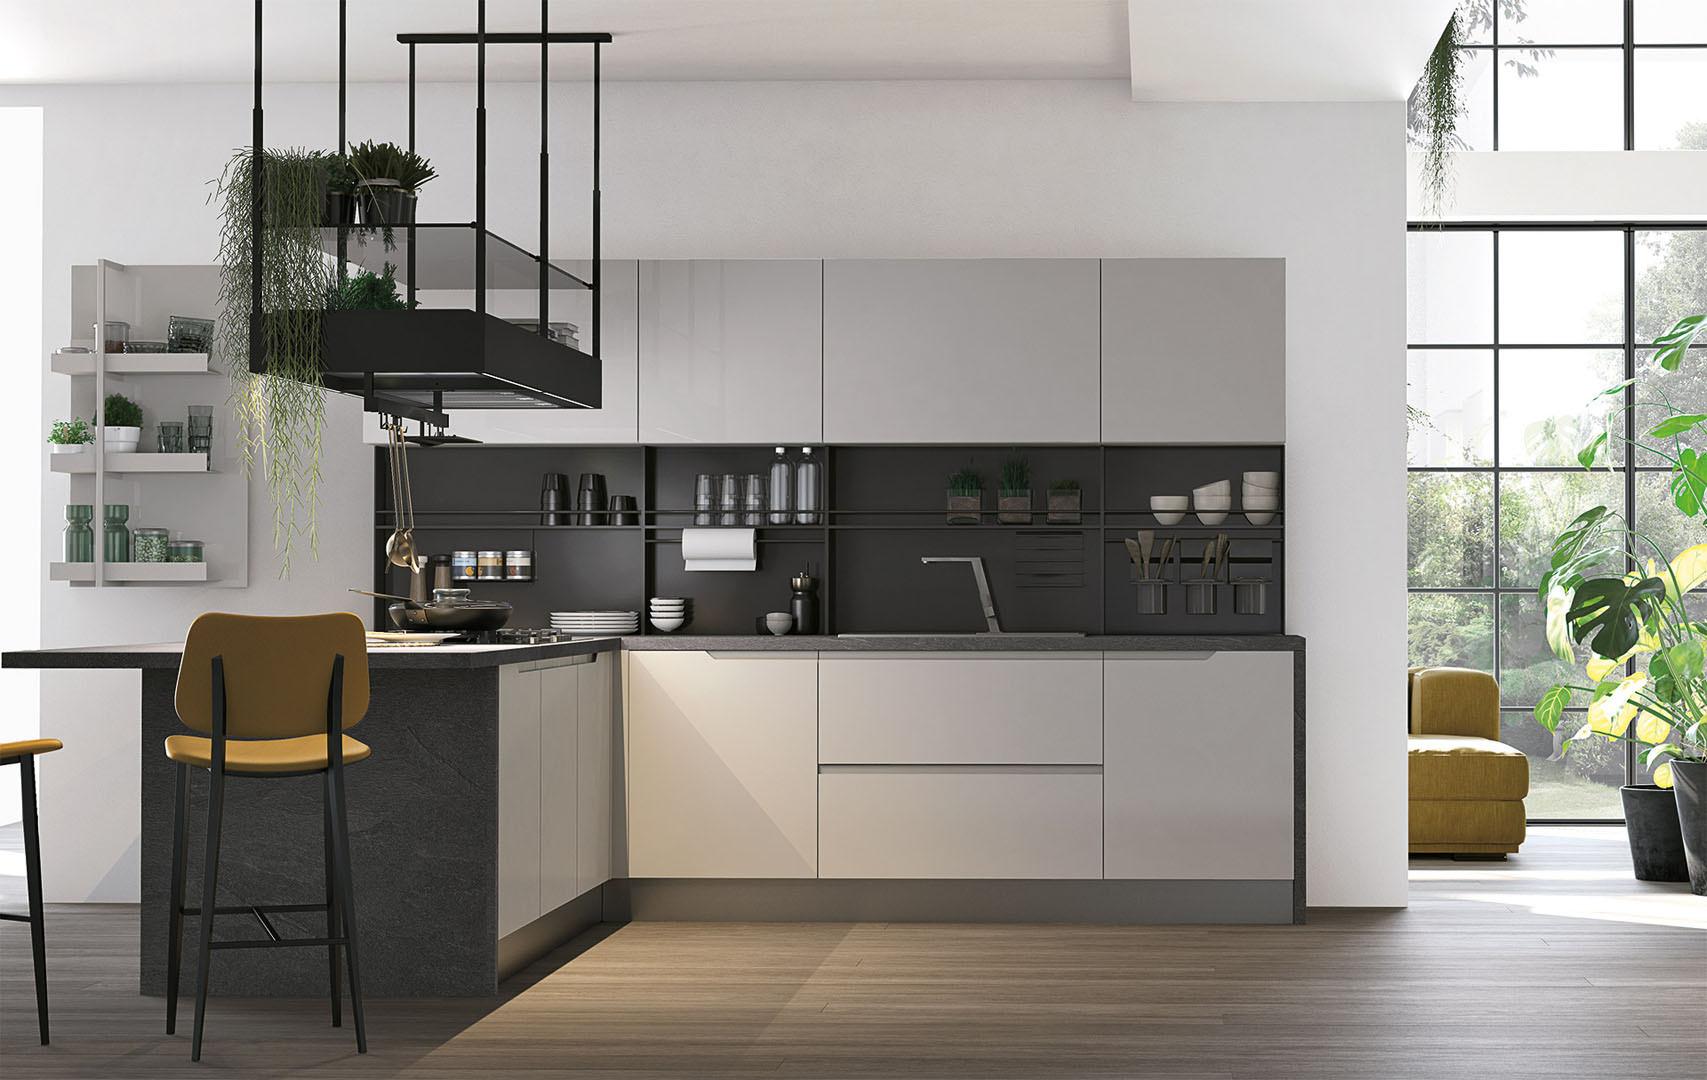 Cucina moderna lube luna estrema eleganza e praticit for Cucina moderna 2018 pdf